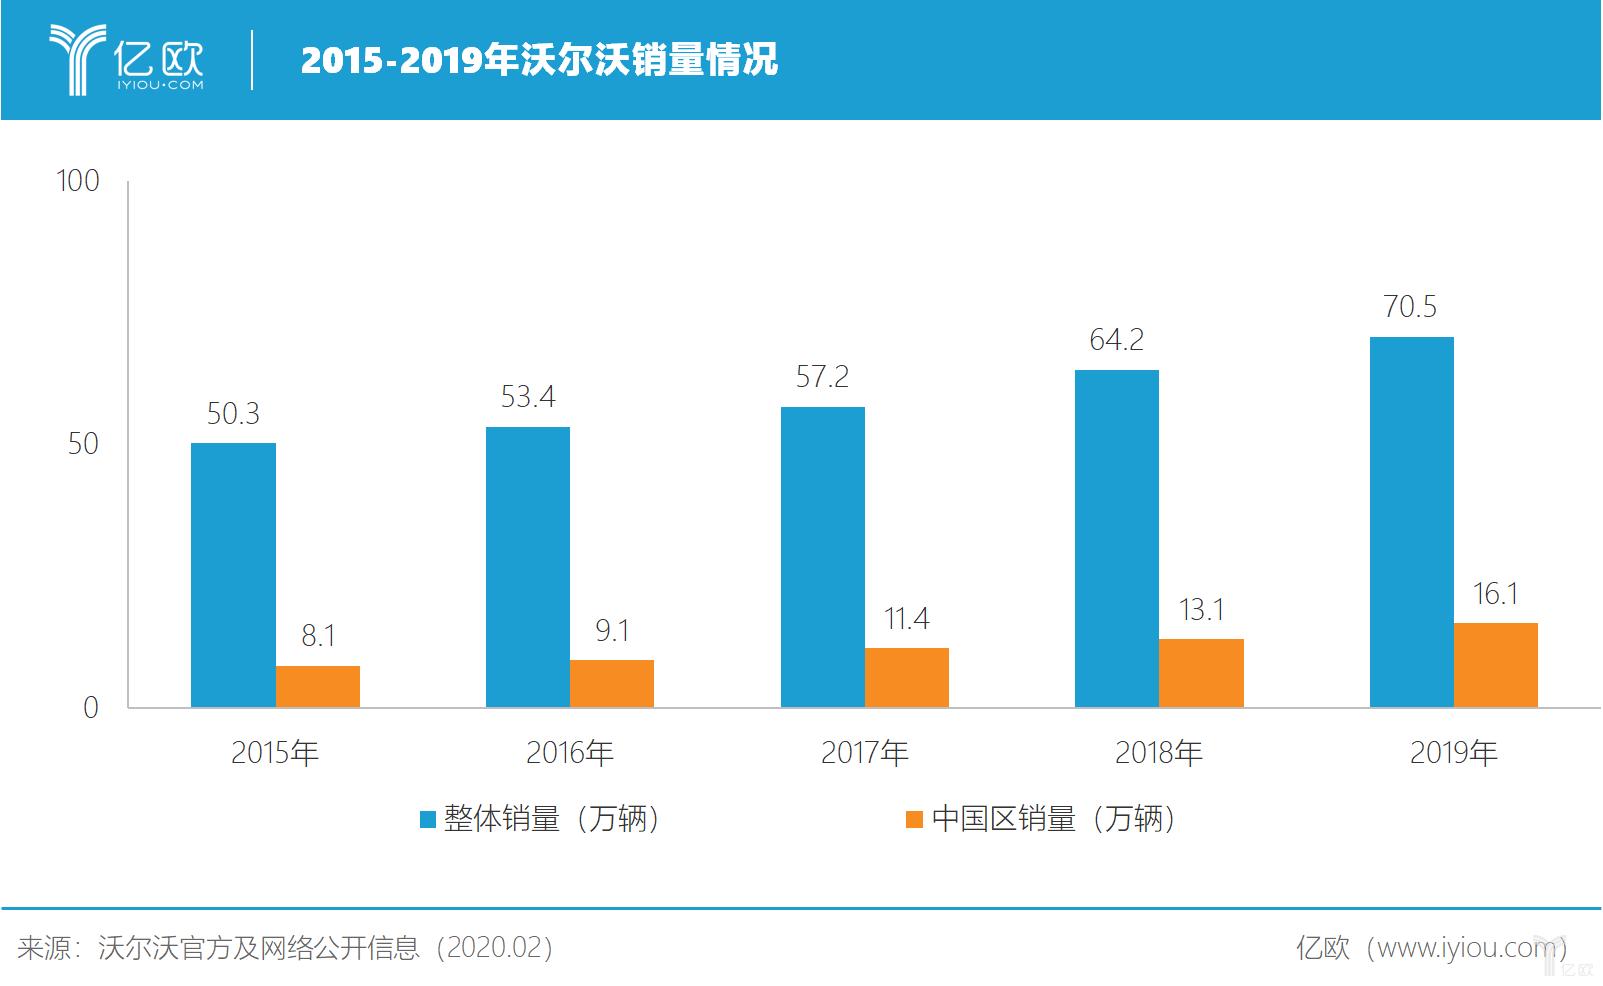 2015-2019年沃尔沃销量情况